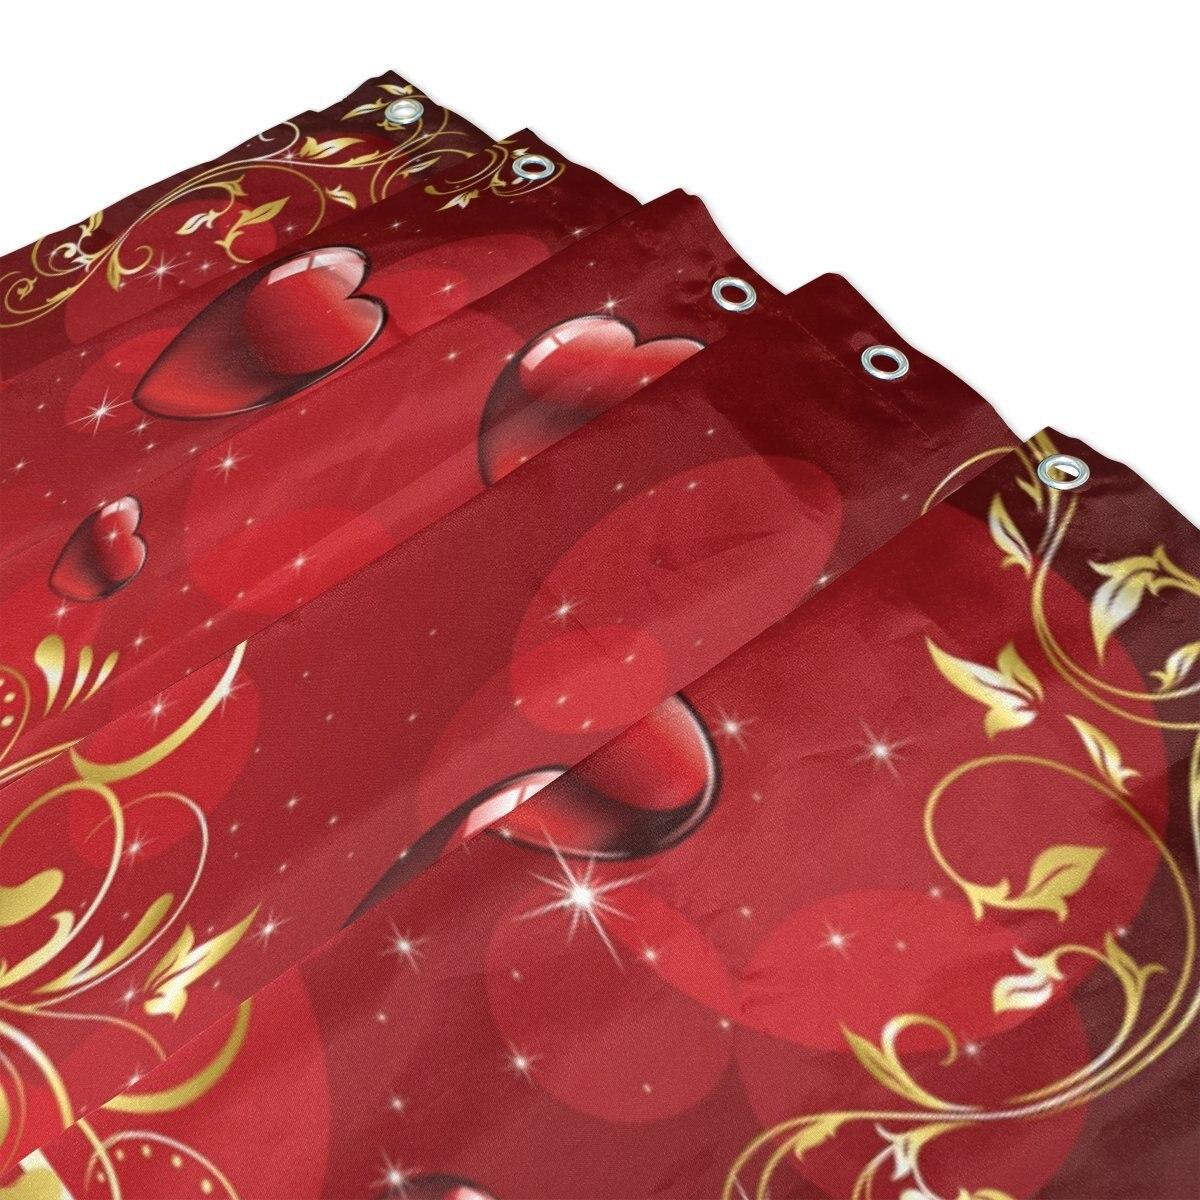 Весна Зеленый Клевер душ Шторы и Коврики комплект, Счастливый День Святого Патрика Водонепроницаемый Ткань Ванная комната Шторы